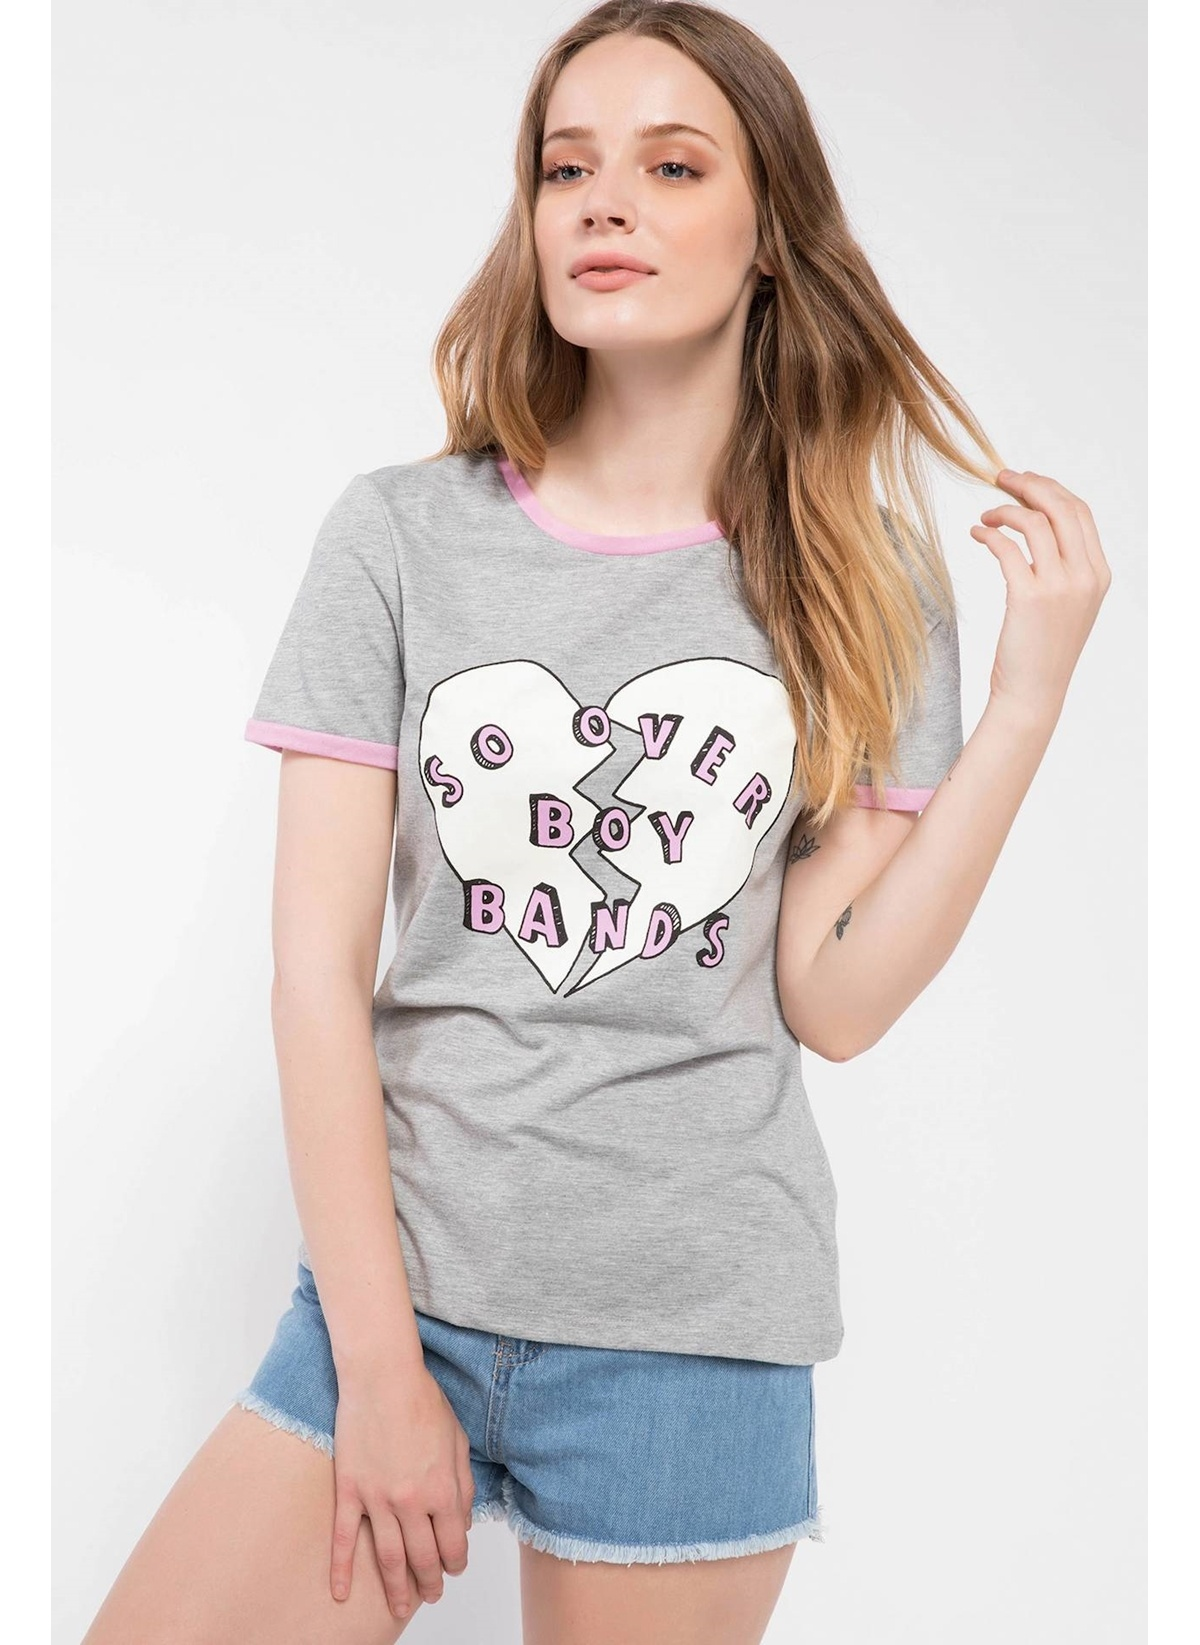 Defacto Baskılı T-shirt J0379az18smgr210t-shirt – 19.99 TL